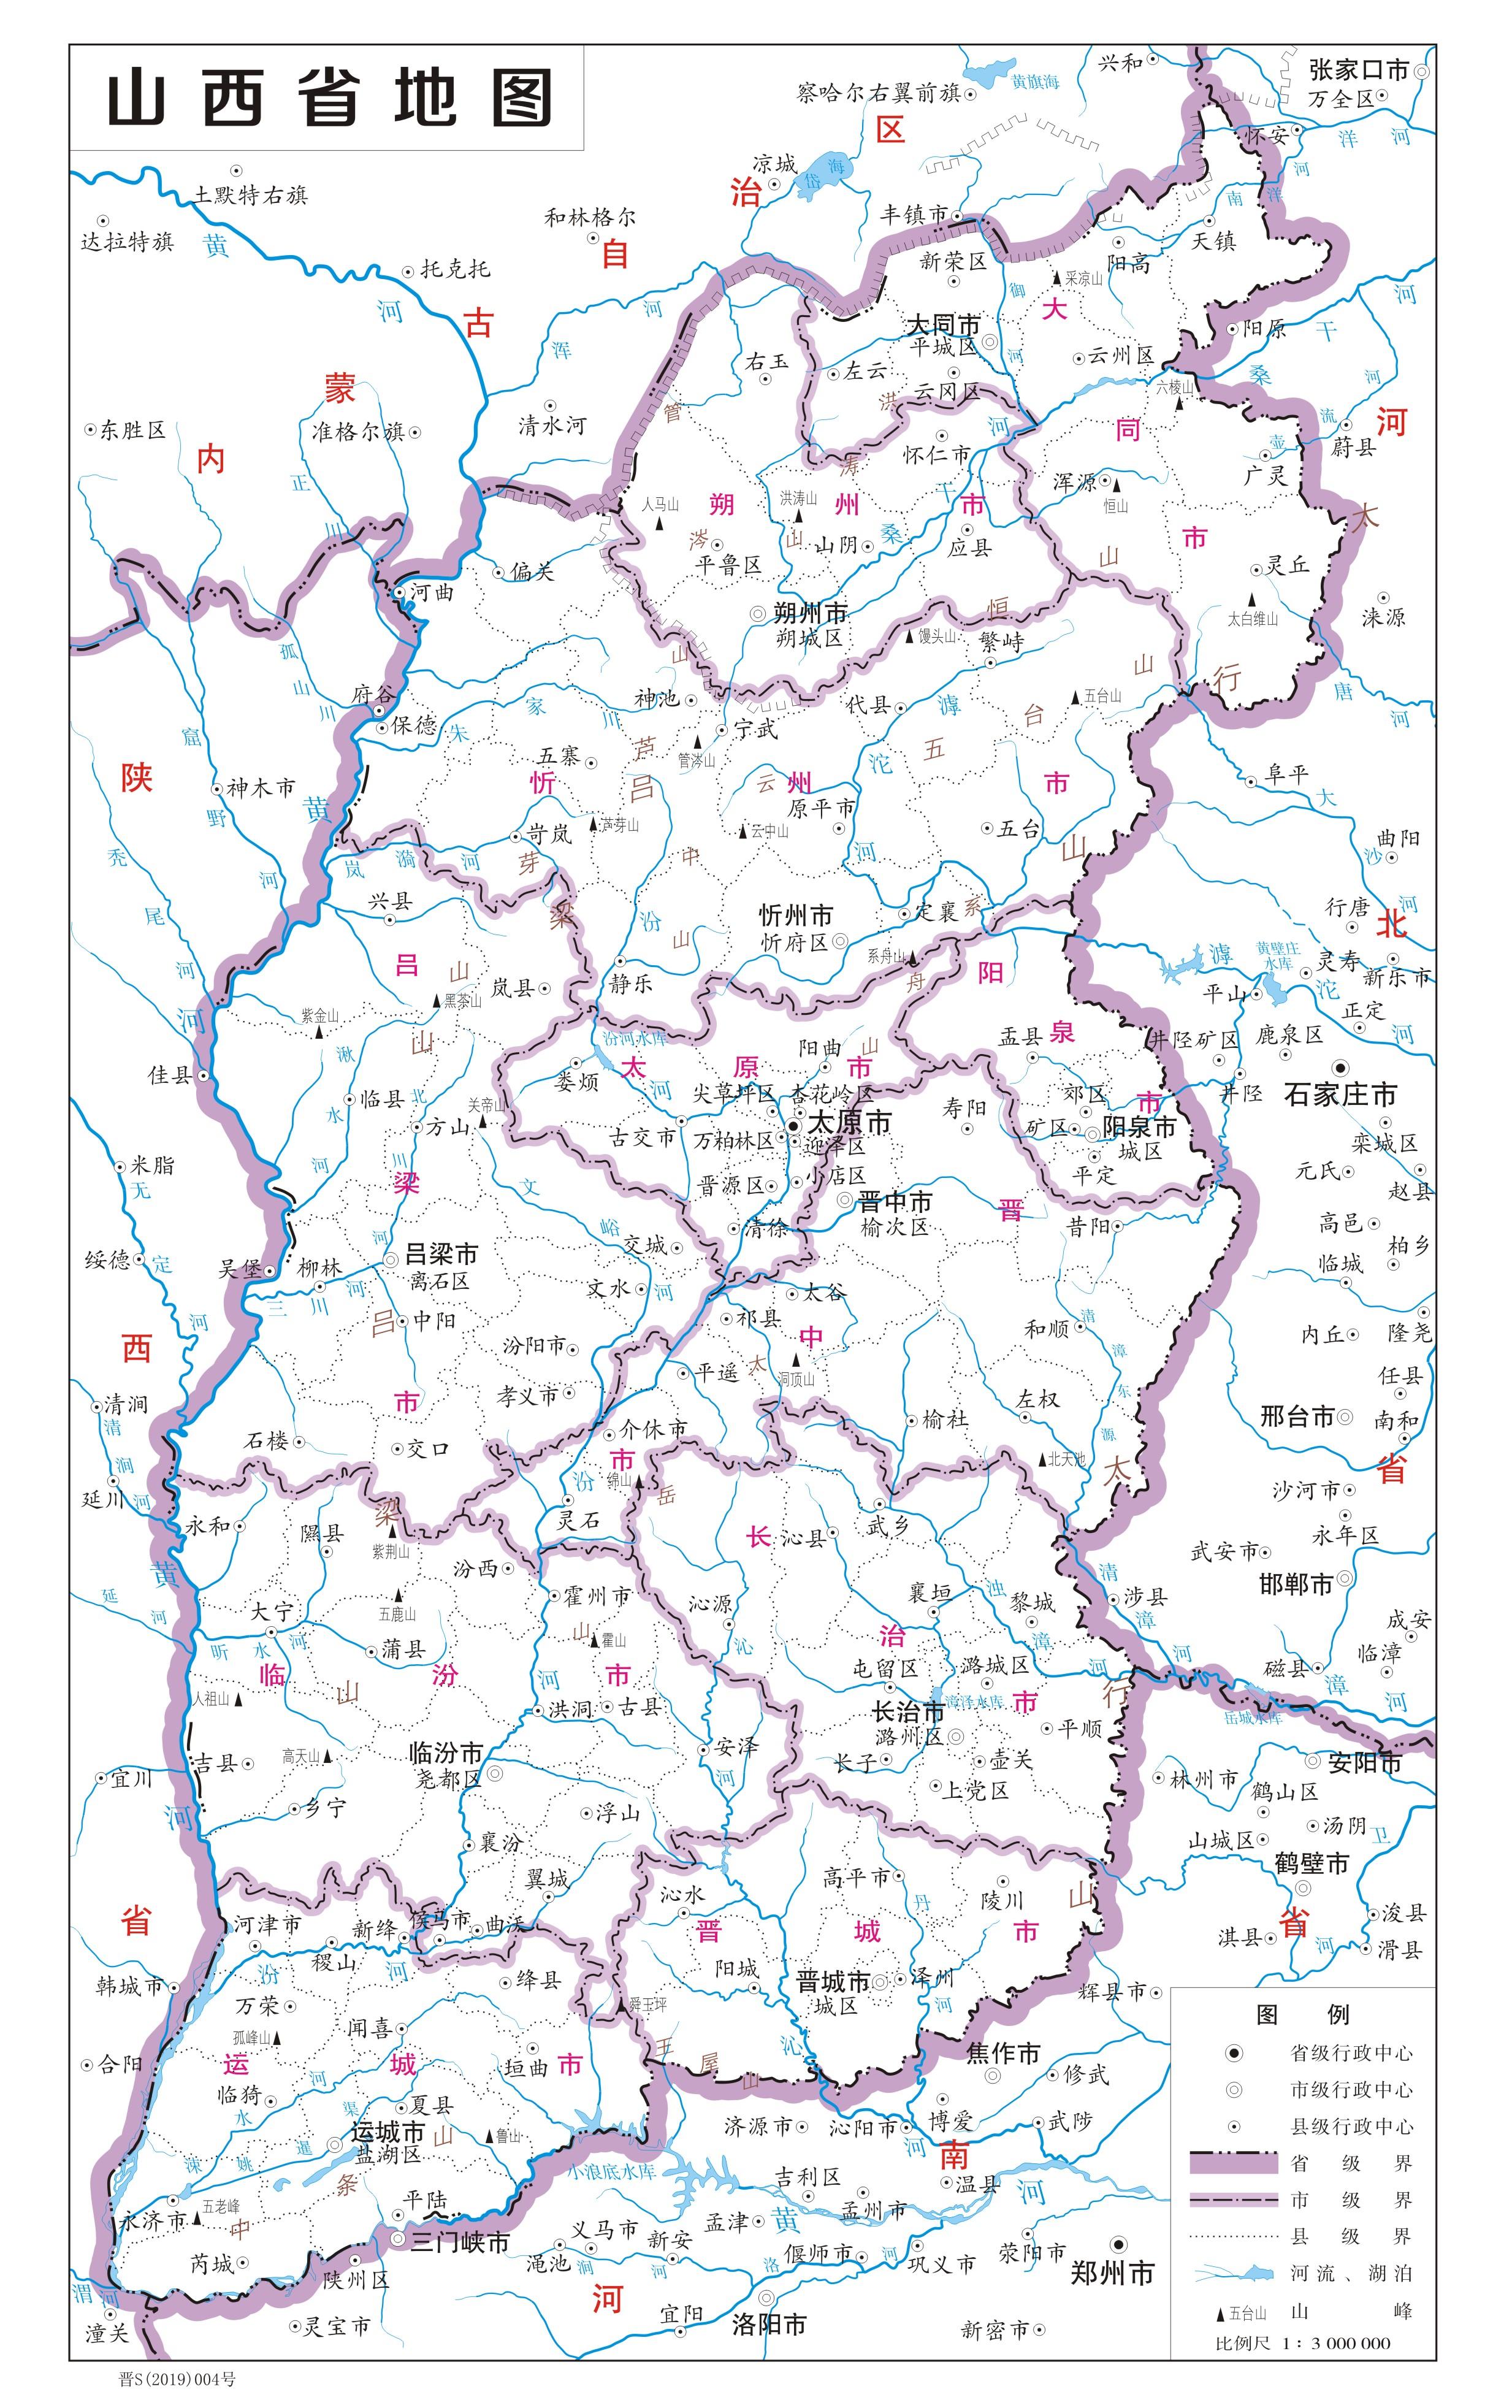 江苏省山东省地图_山西省标准地图_山西地图库_地图窝